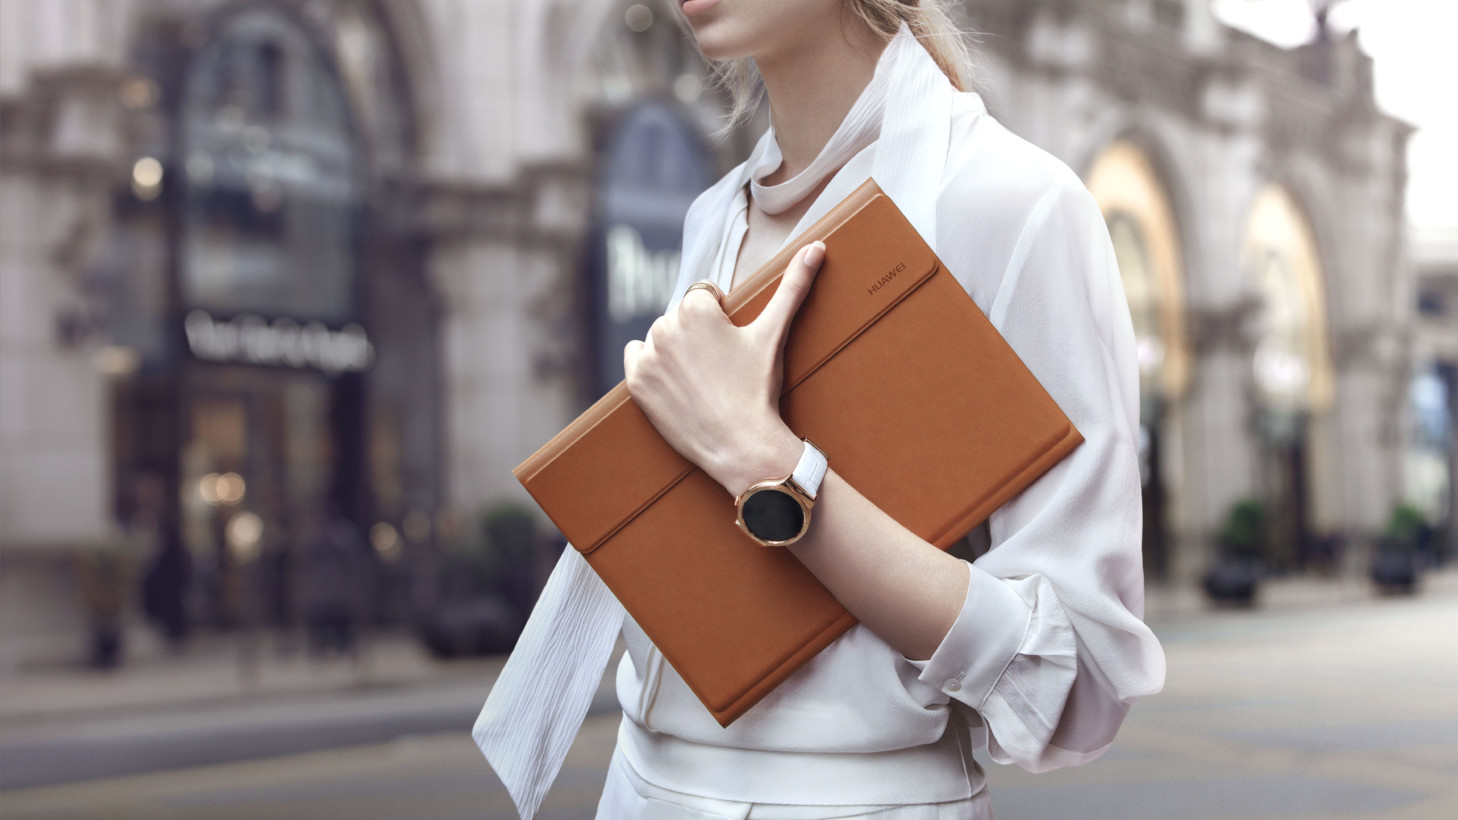 Lifestyle 1 - Woman + Watch